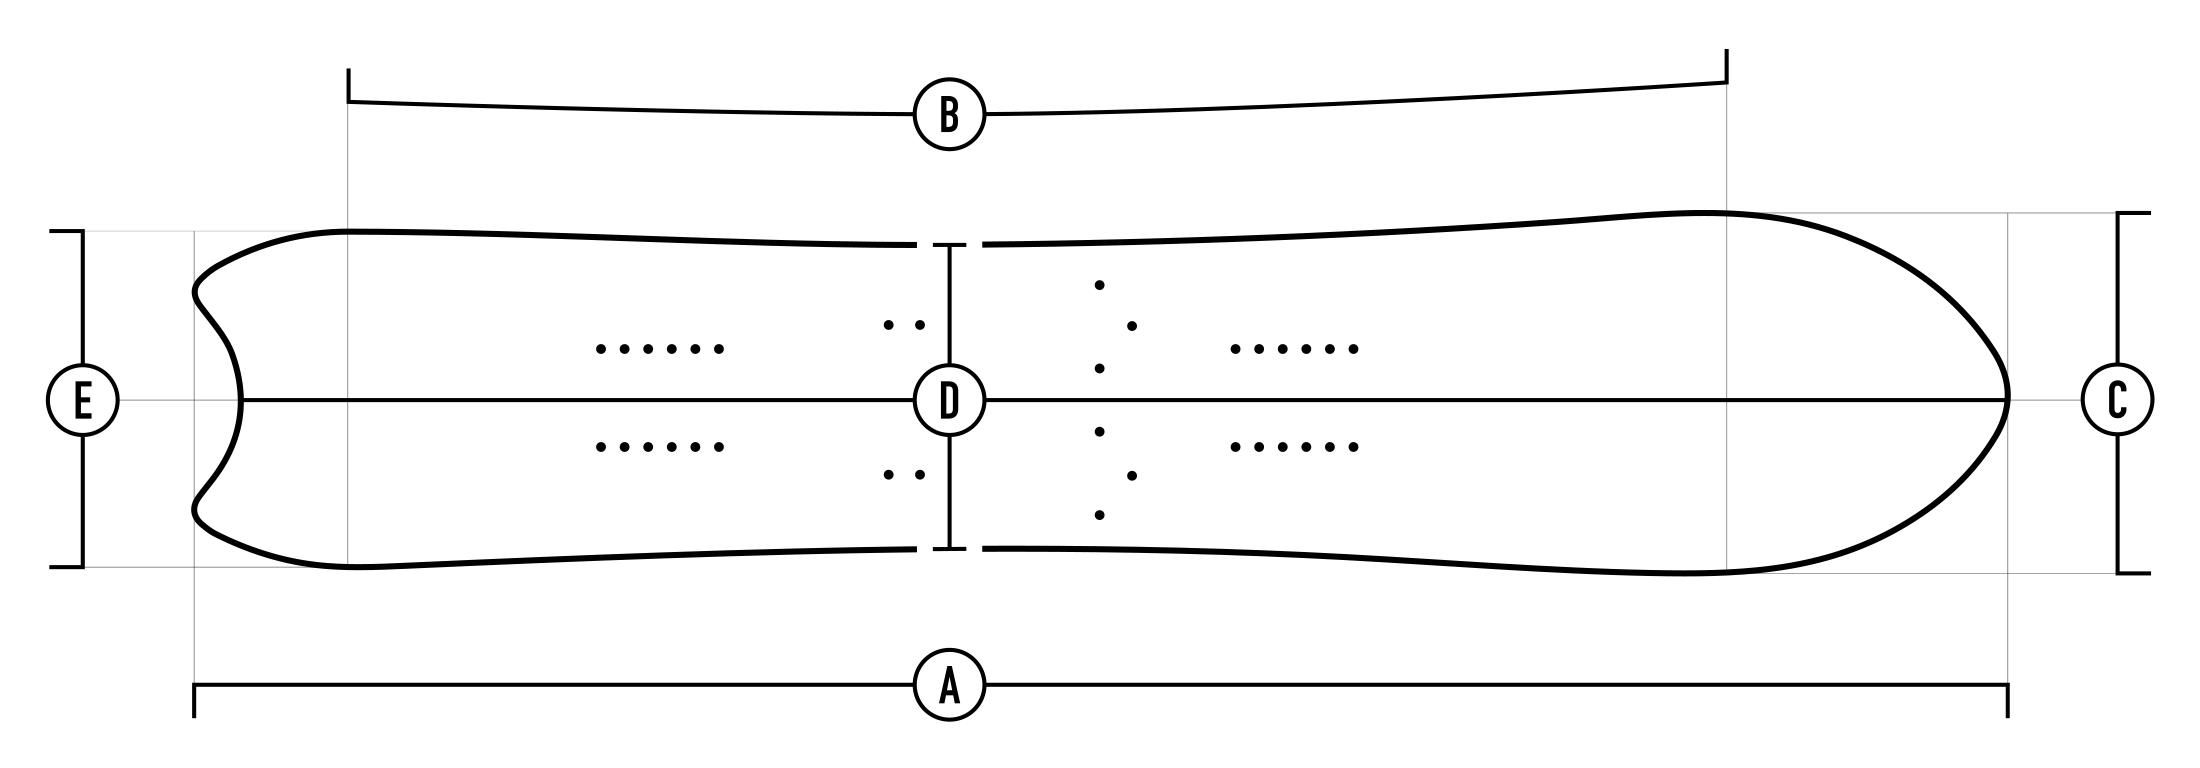 KORUA-Shapes_Tech-Drawings_Web_2200px-150dpi_PENCIL-SPLIT